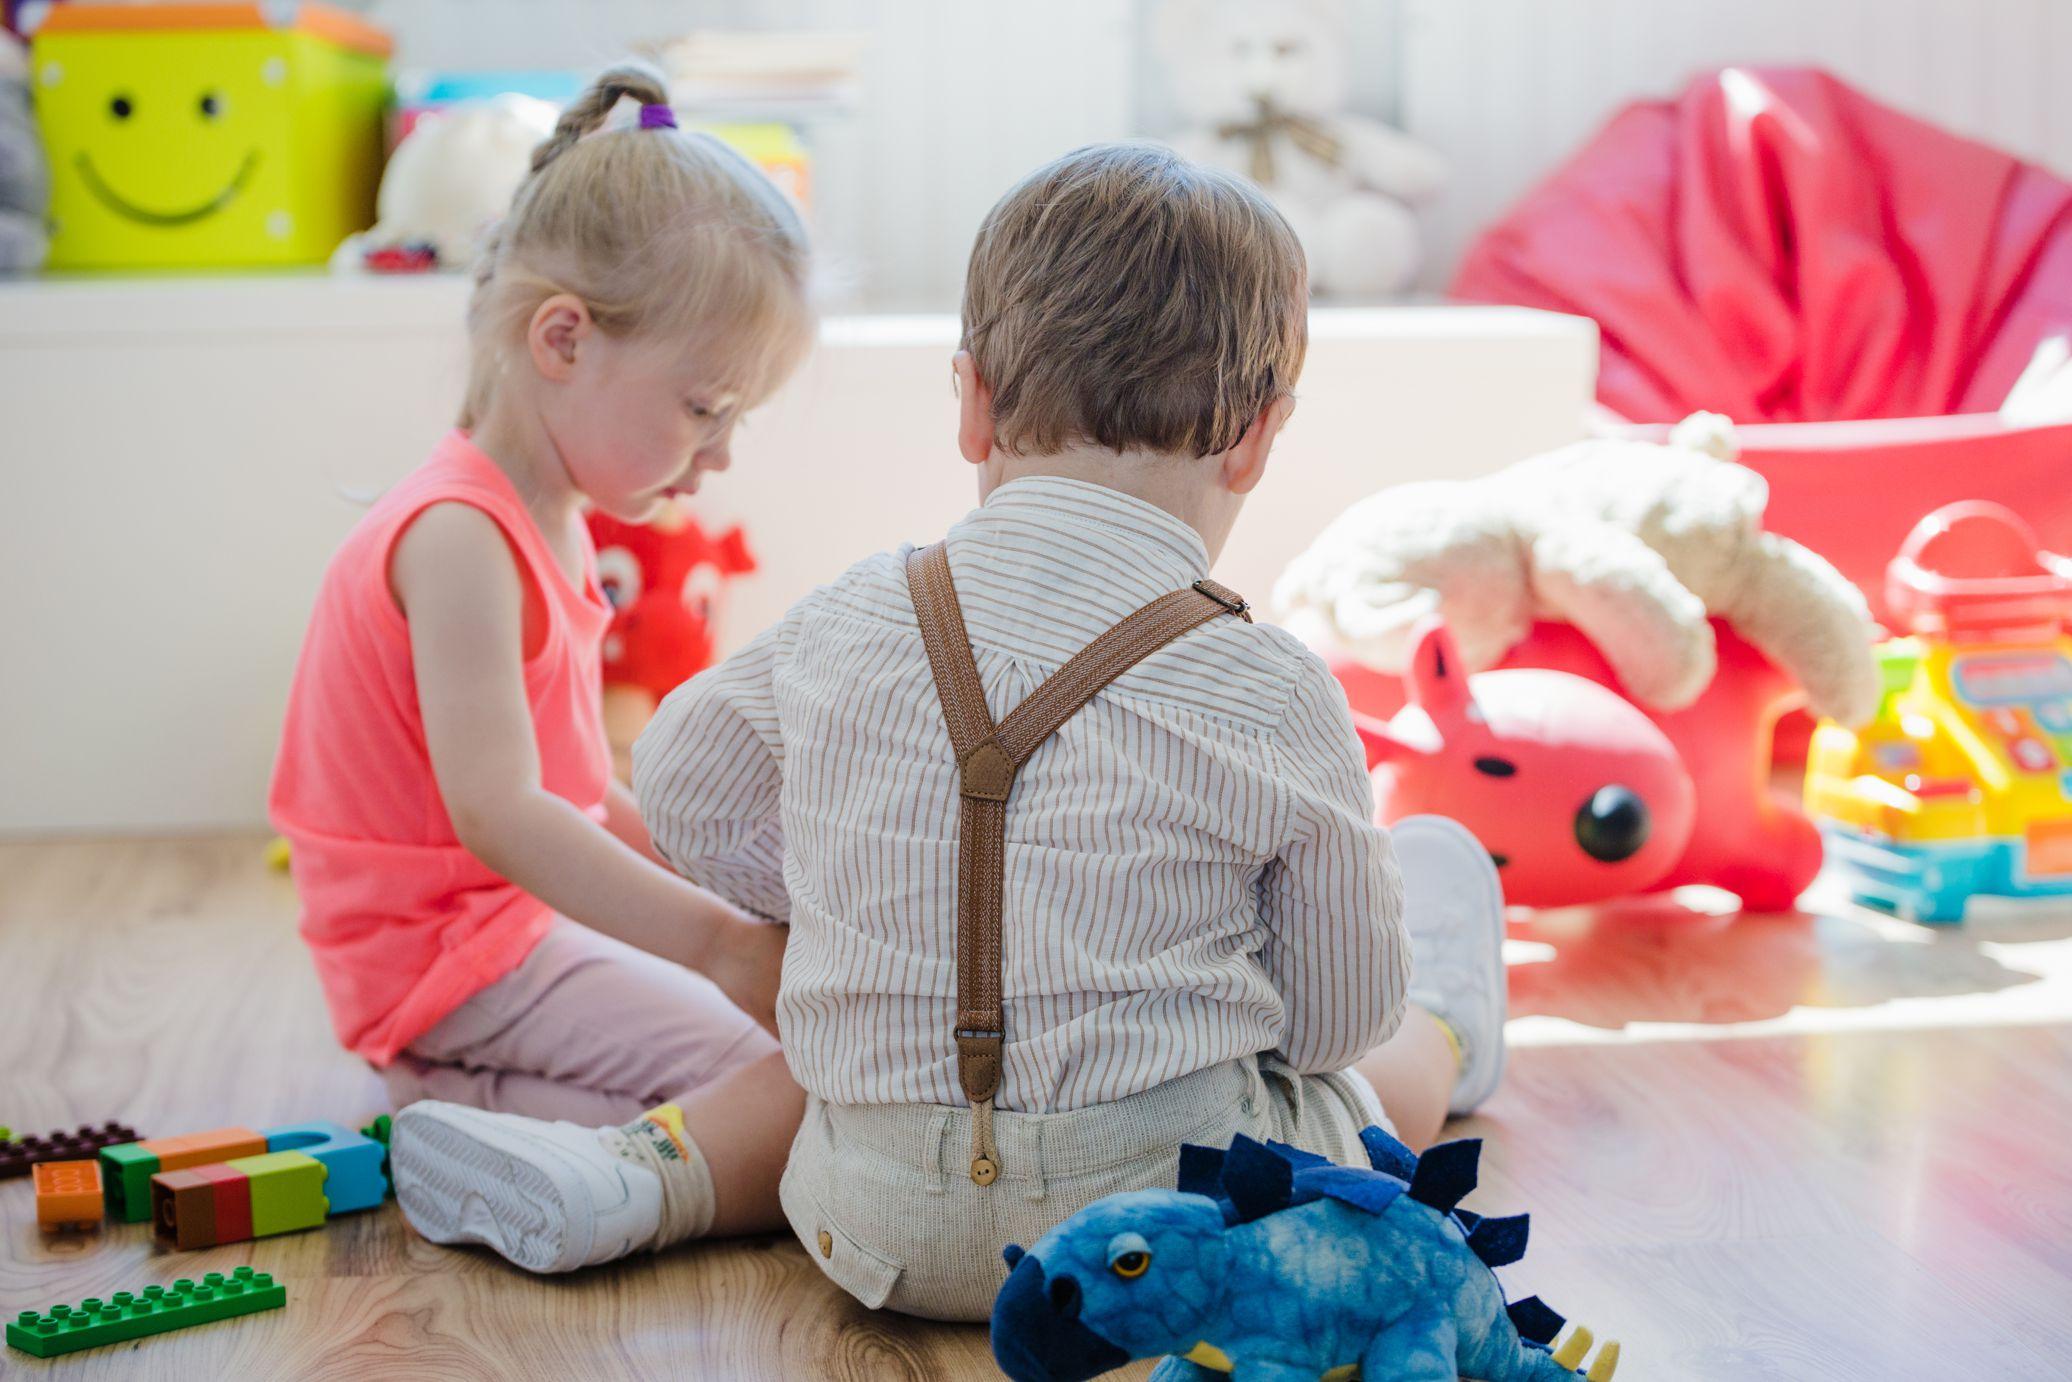 dzieci bawią się na podłodze